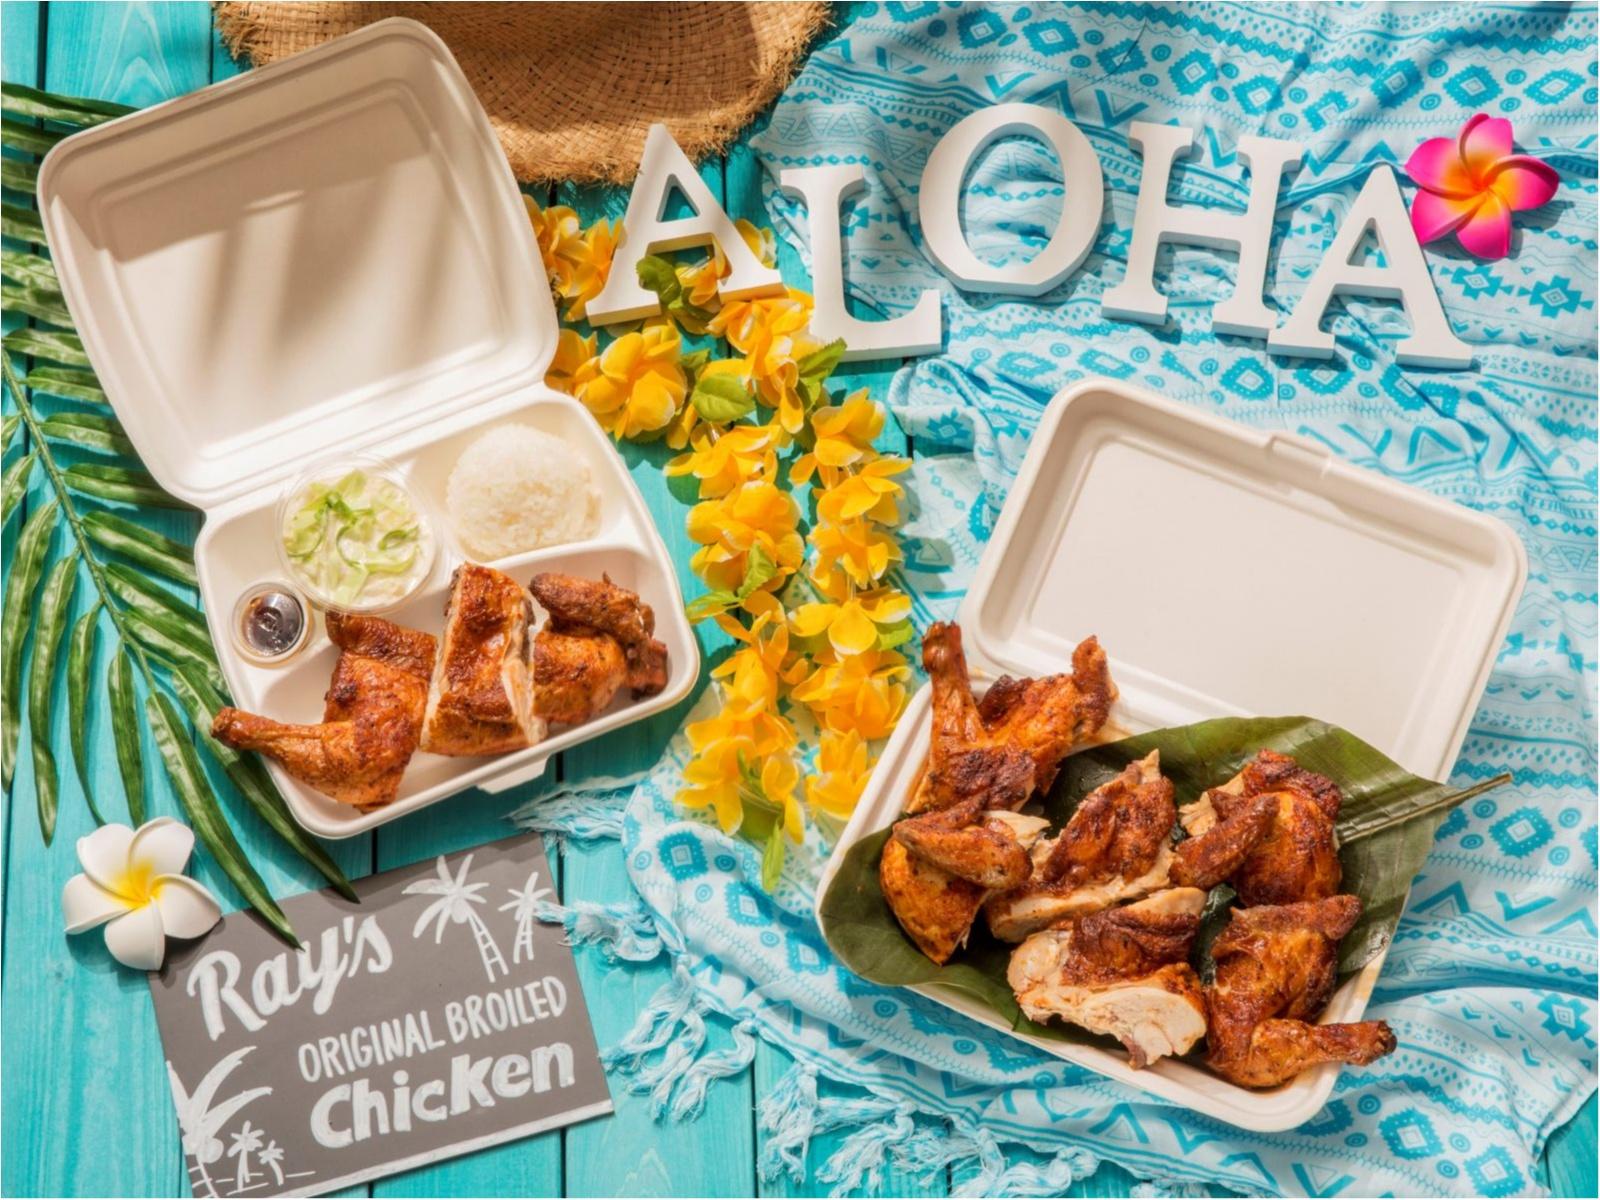 由比ヶ浜であの有名な本格ハワイアンチキンを☆ 由比ヶ浜のビーチハウスに『RAY'S ORIGINAL BROILED CHICKEN』が期間限定オープン!_1